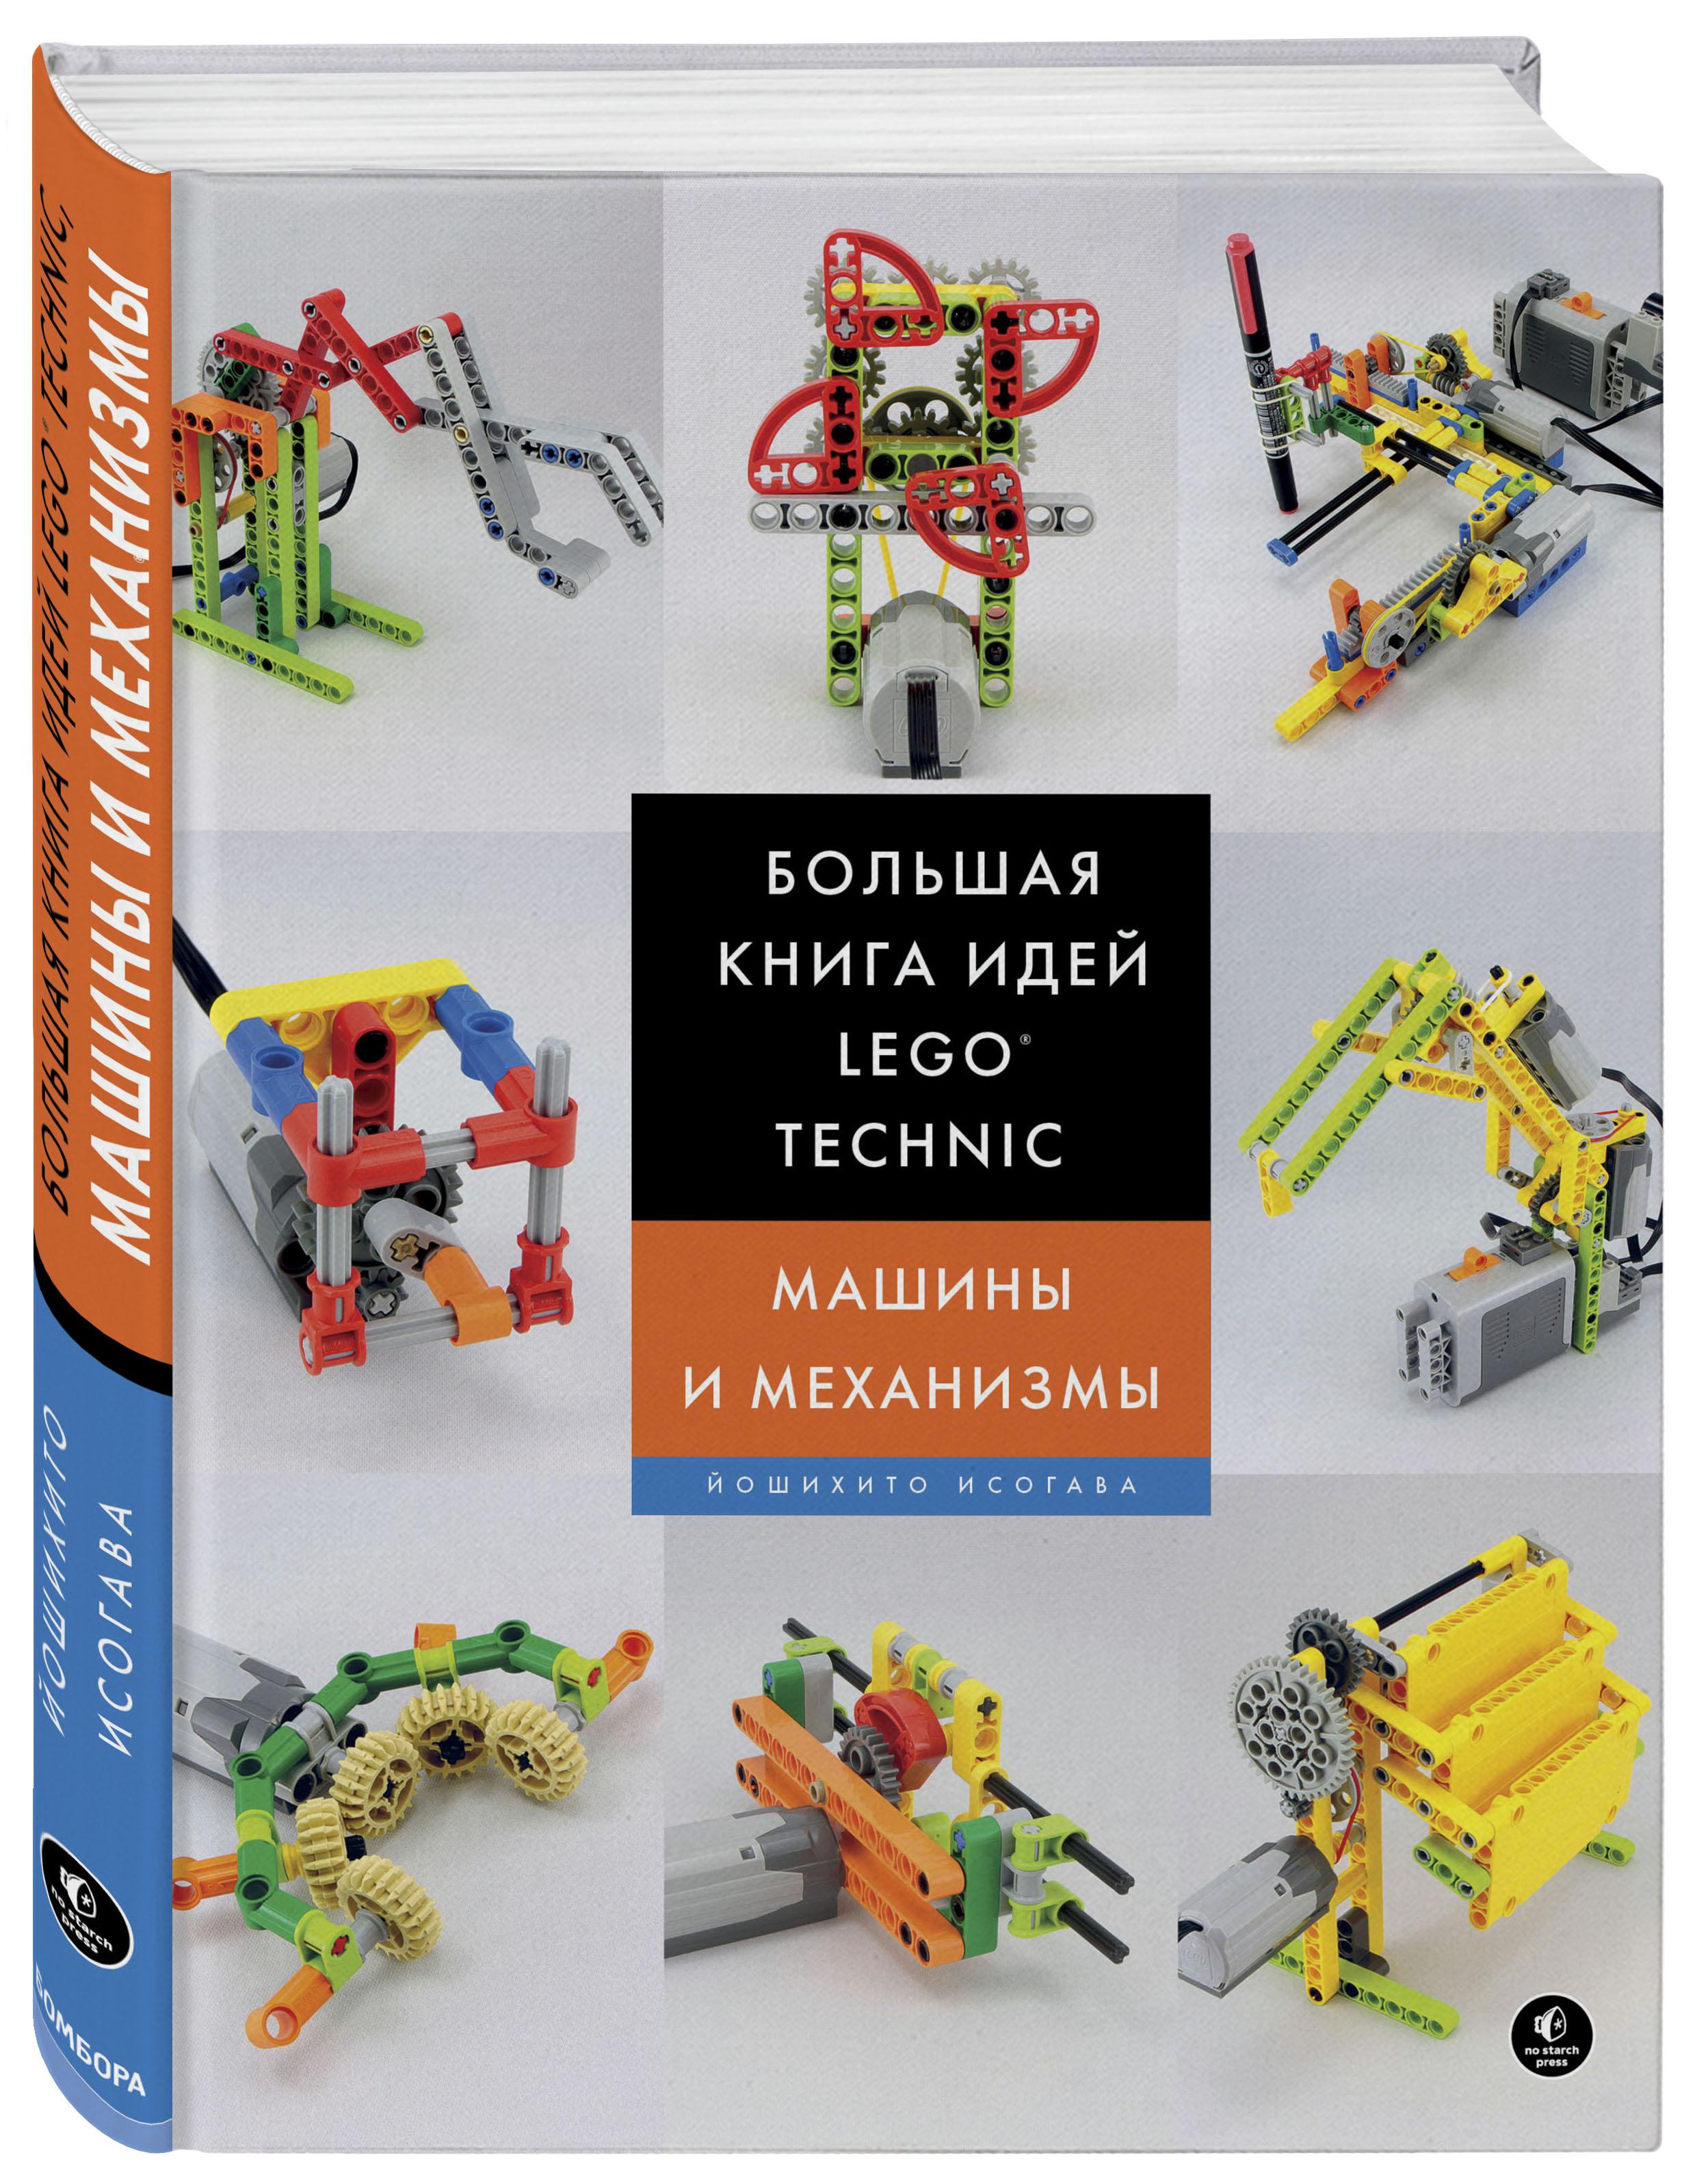 Исогава Й. Большая книга идей LEGO Technic. Машины и механизмы ISBN: 978-5-699-99865-4